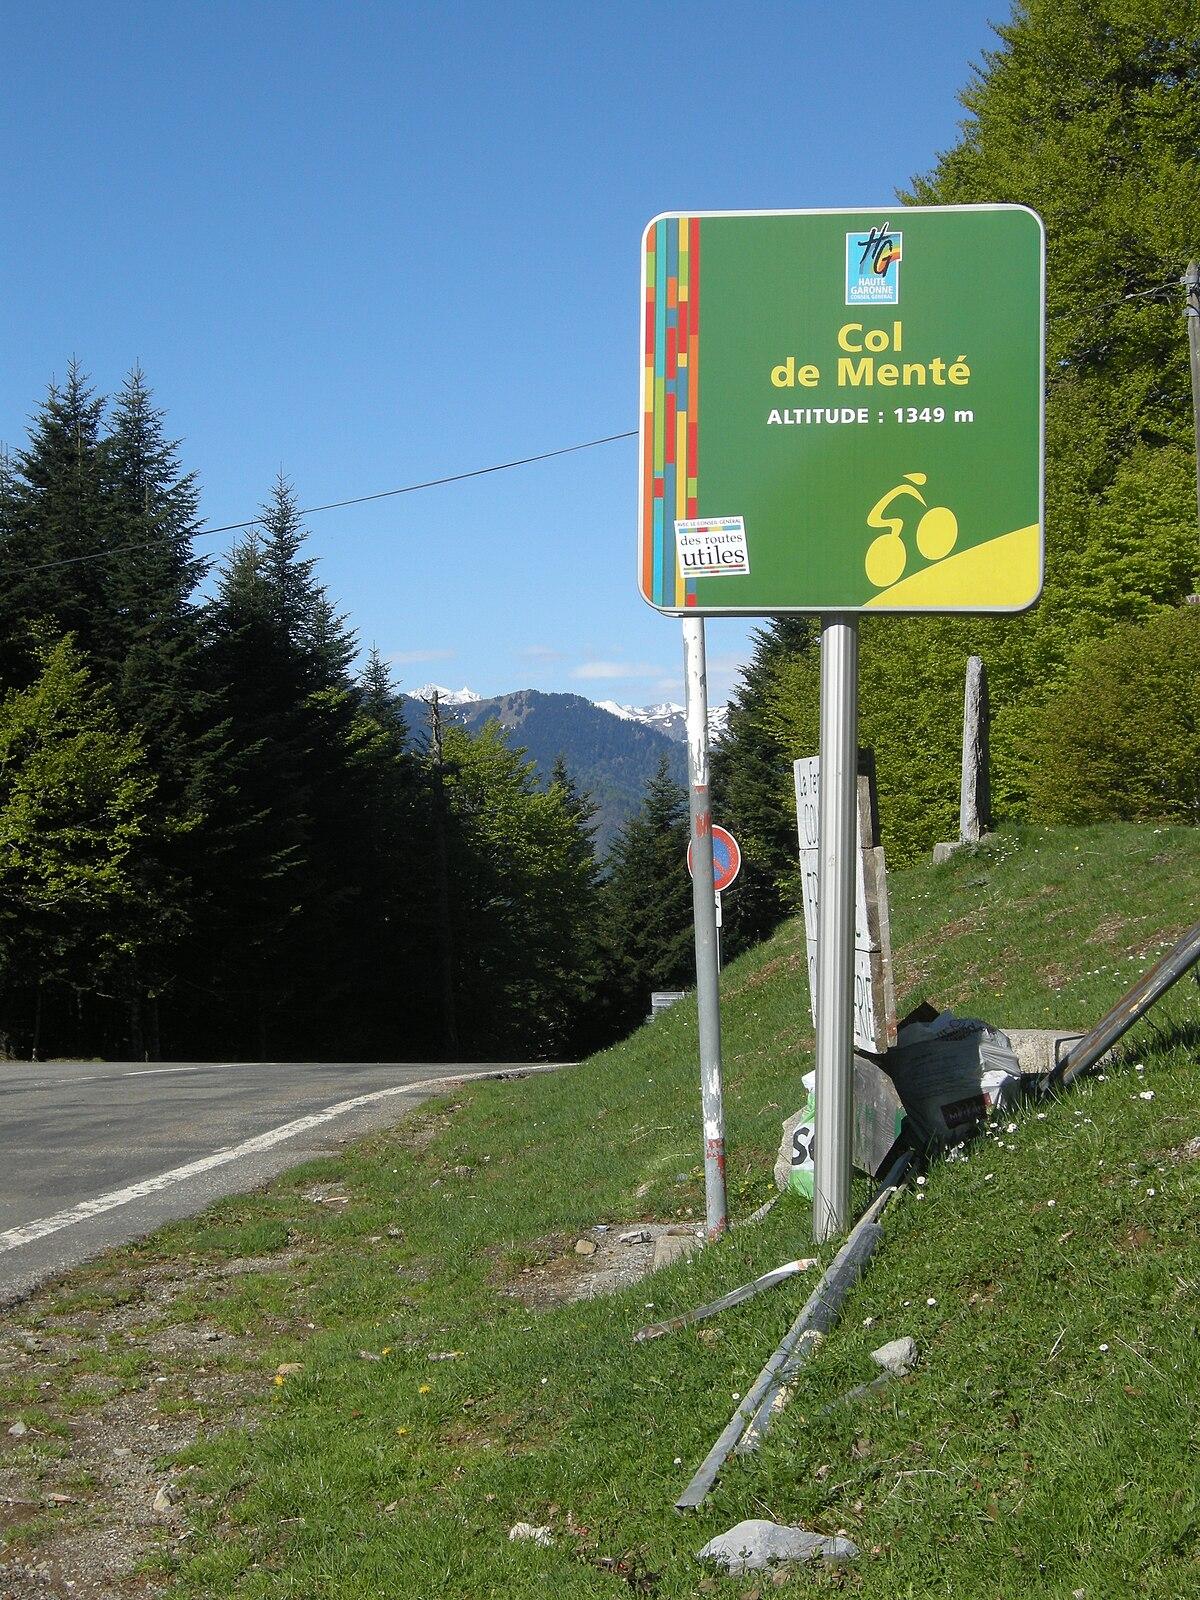 File:Panneau de signalisation Col de Mente.jpg - Wikimedia Commons